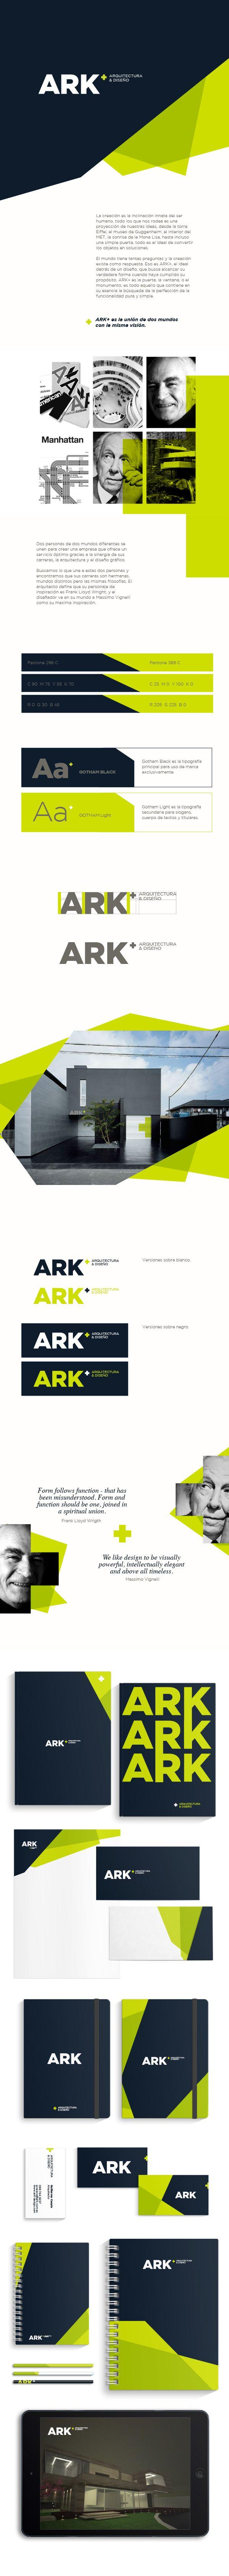 ARK+ Arquitectura & Diseño